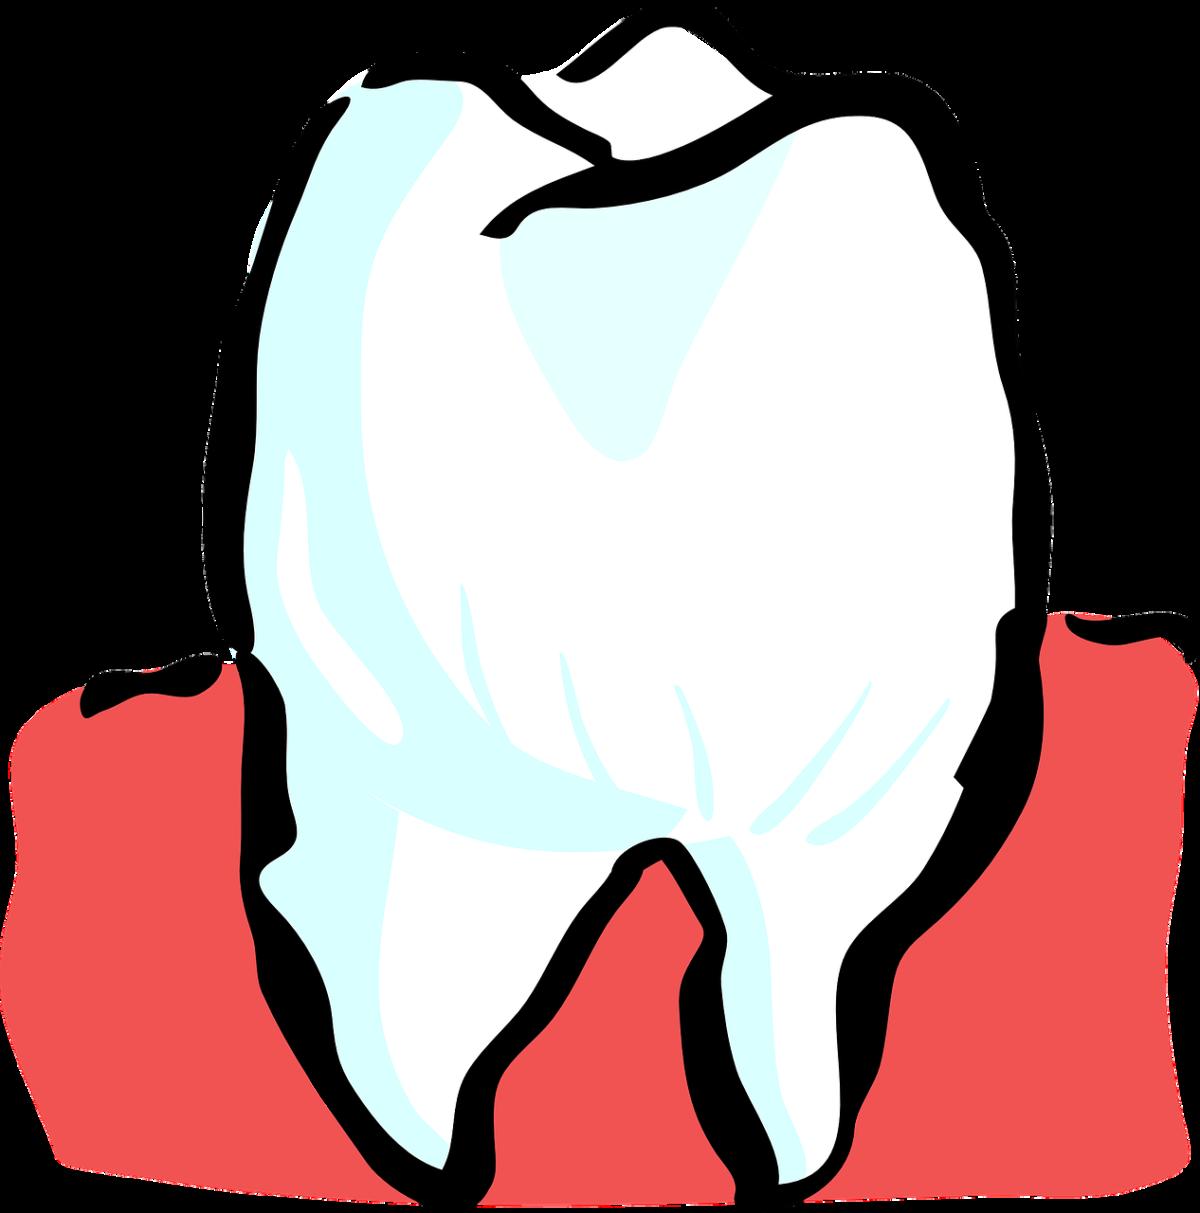 Piękne nienaganne zęby także doskonały cudny uśmiech to powód do płenego uśmiechu.